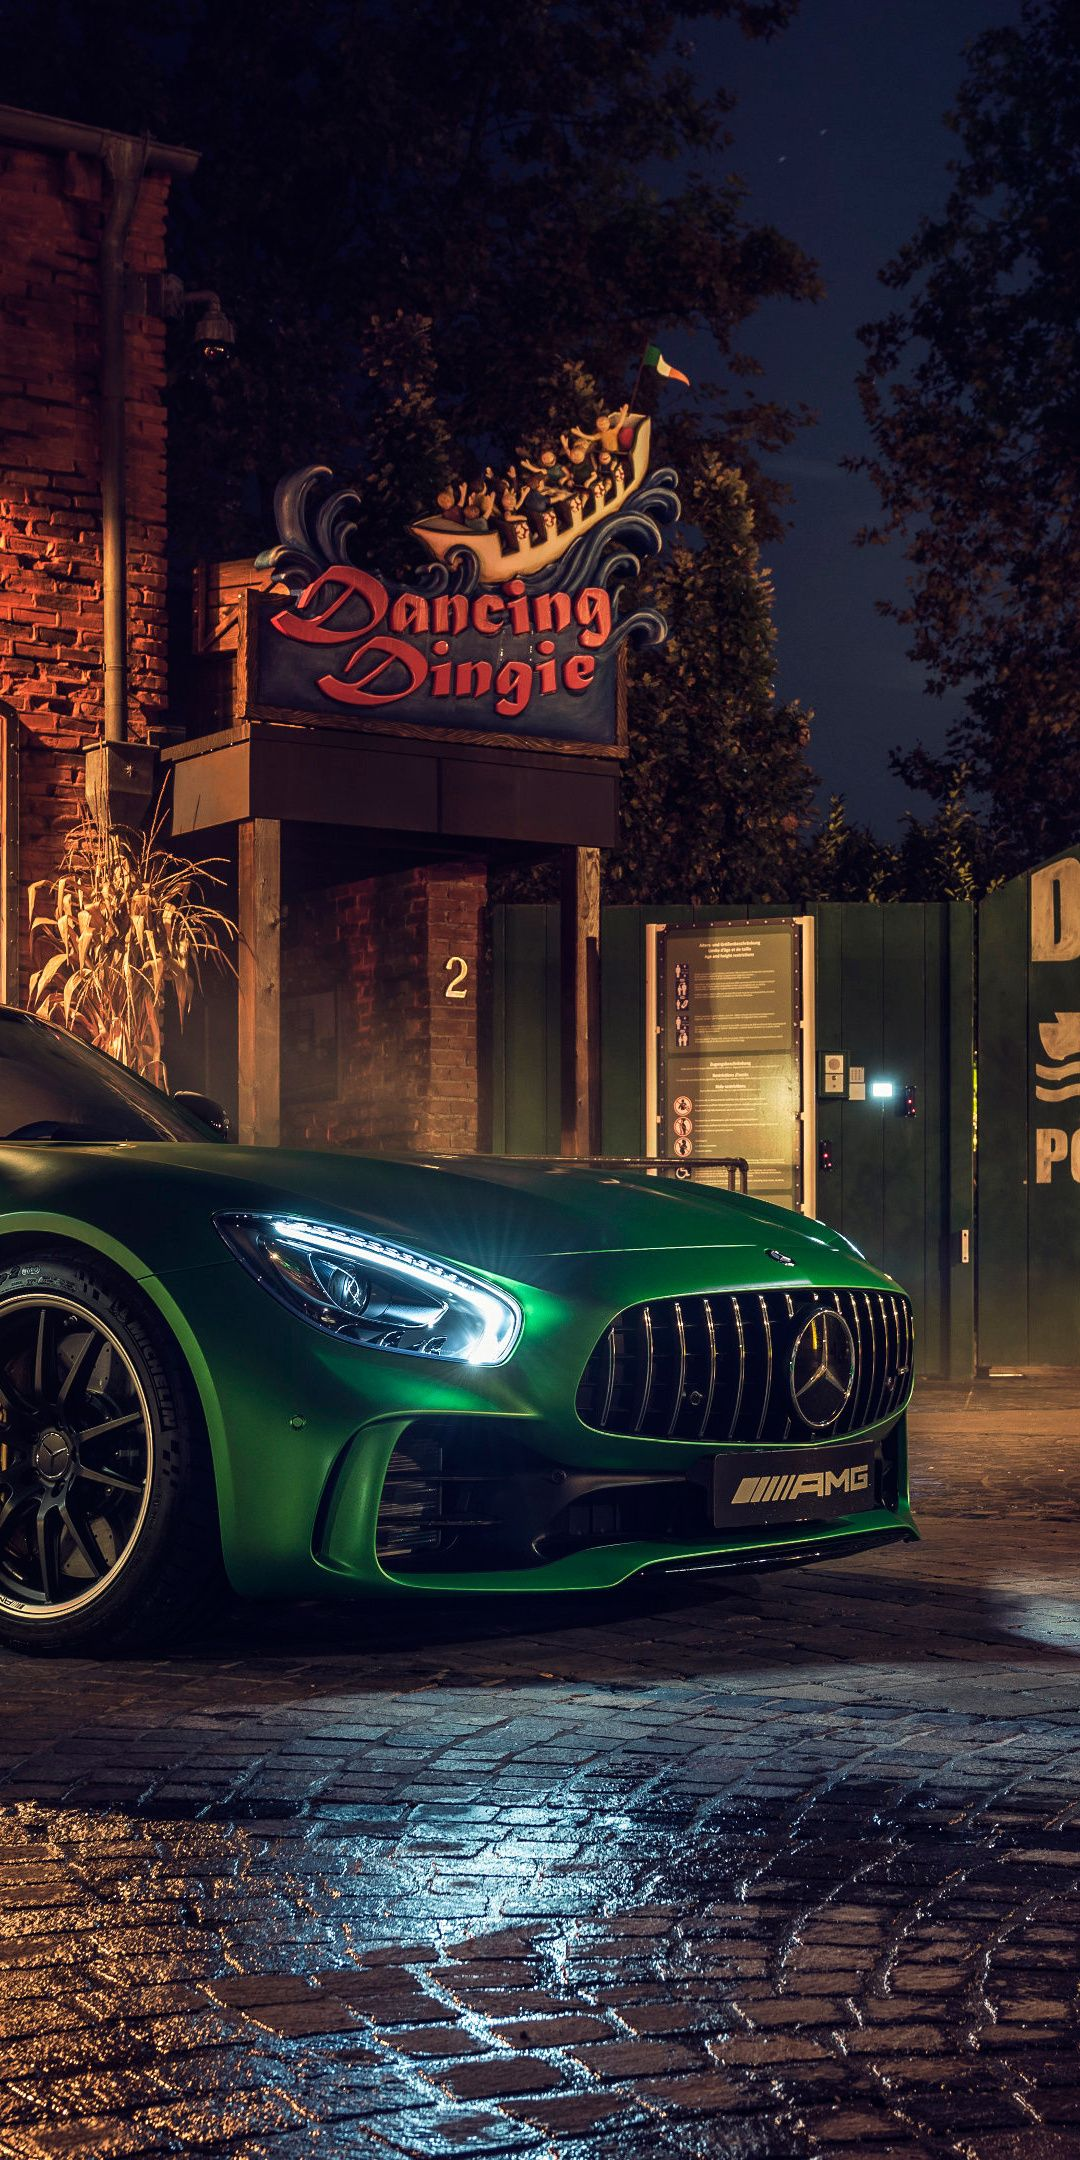 Mercedes Amg Gt R Green Luxury Car 1080x2160 Wallpaper